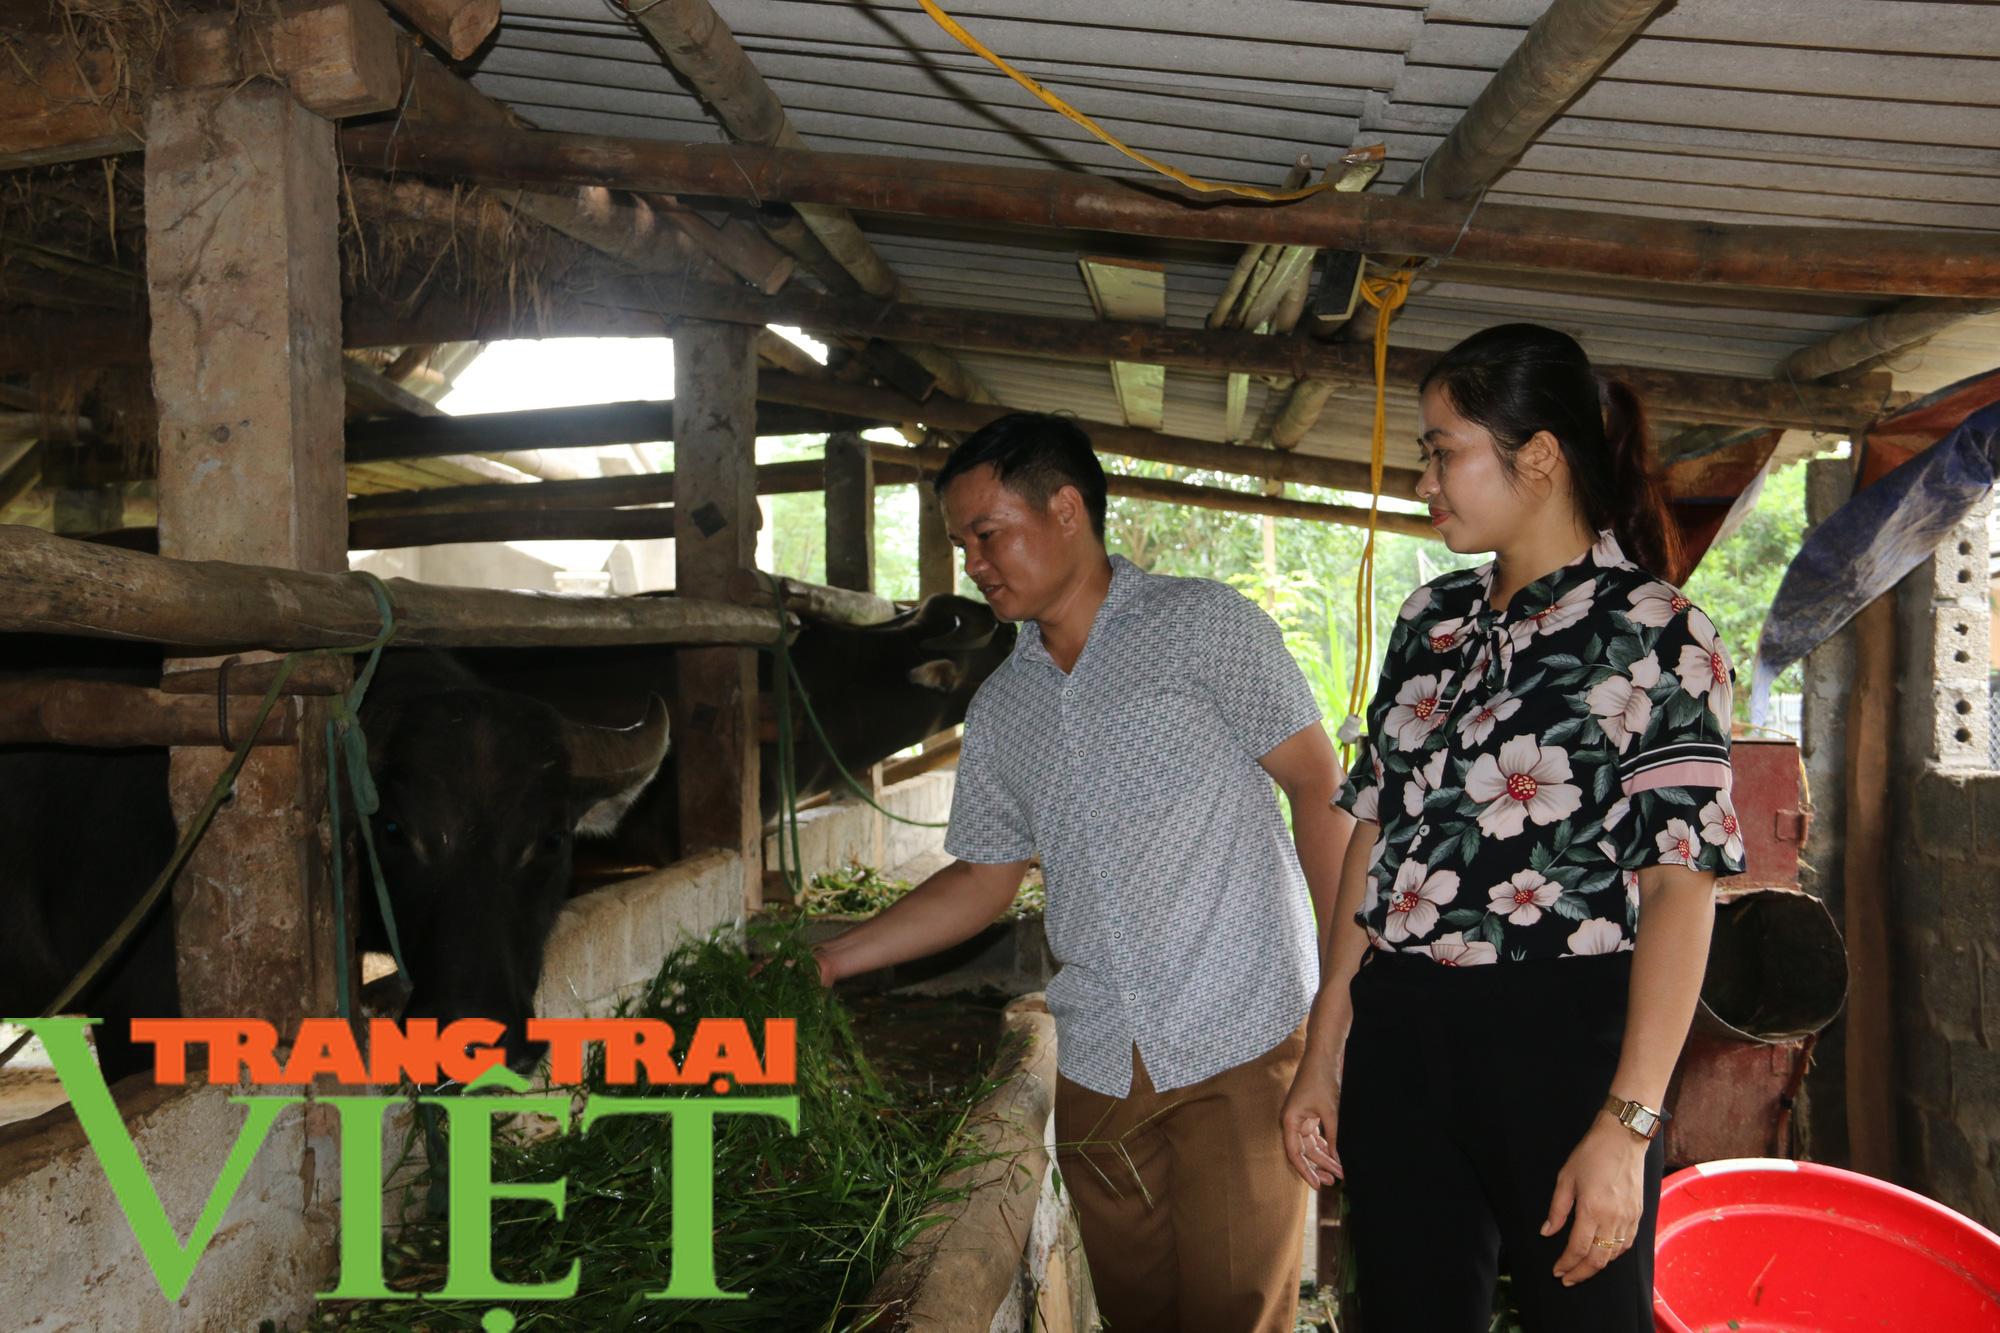 Hiệu quả mô hình nuôi trâu vỗ béo của Hội Nông dân xã Dũng Phong - Ảnh 3.